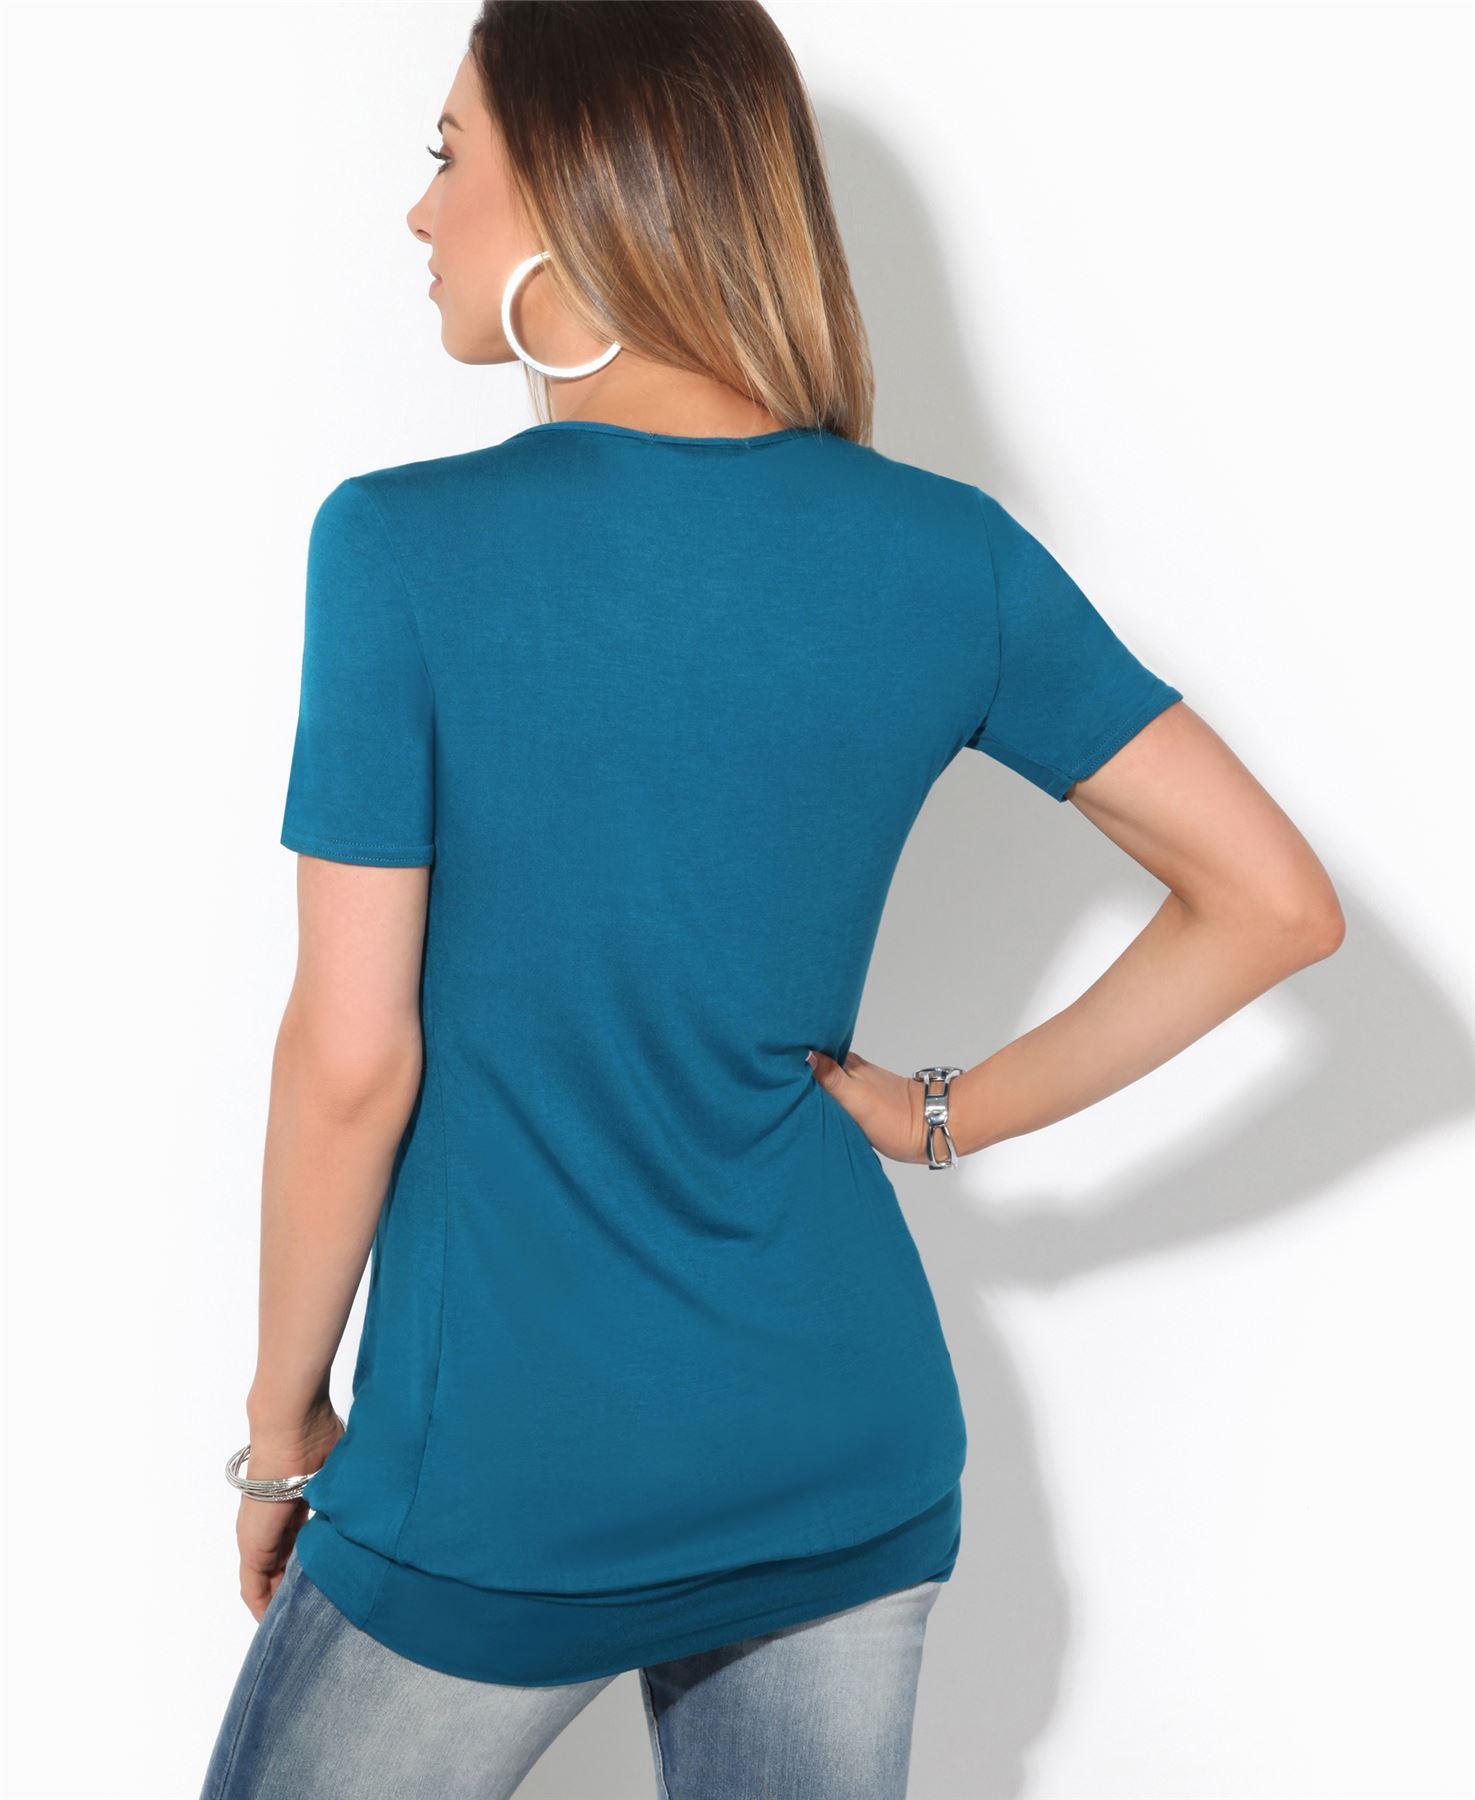 Femmes-Top-Haut-Chemisier-T-Shirt-Chemise-Blouse-Tunique-Long-Grandes-Tailles miniature 7